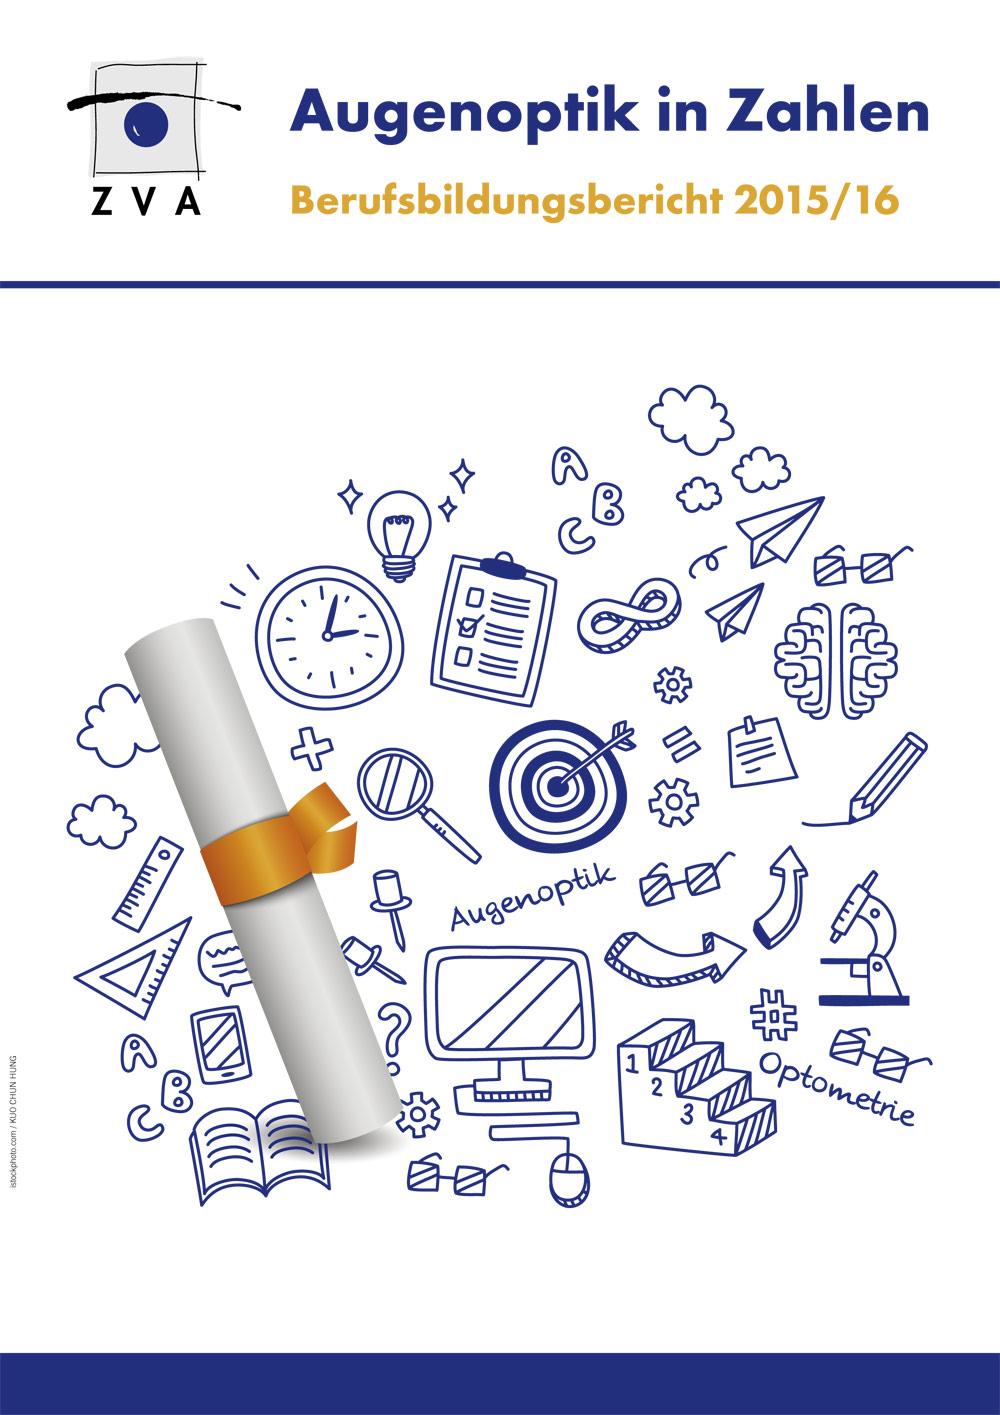 Berufsbildungsbericht 2015/16